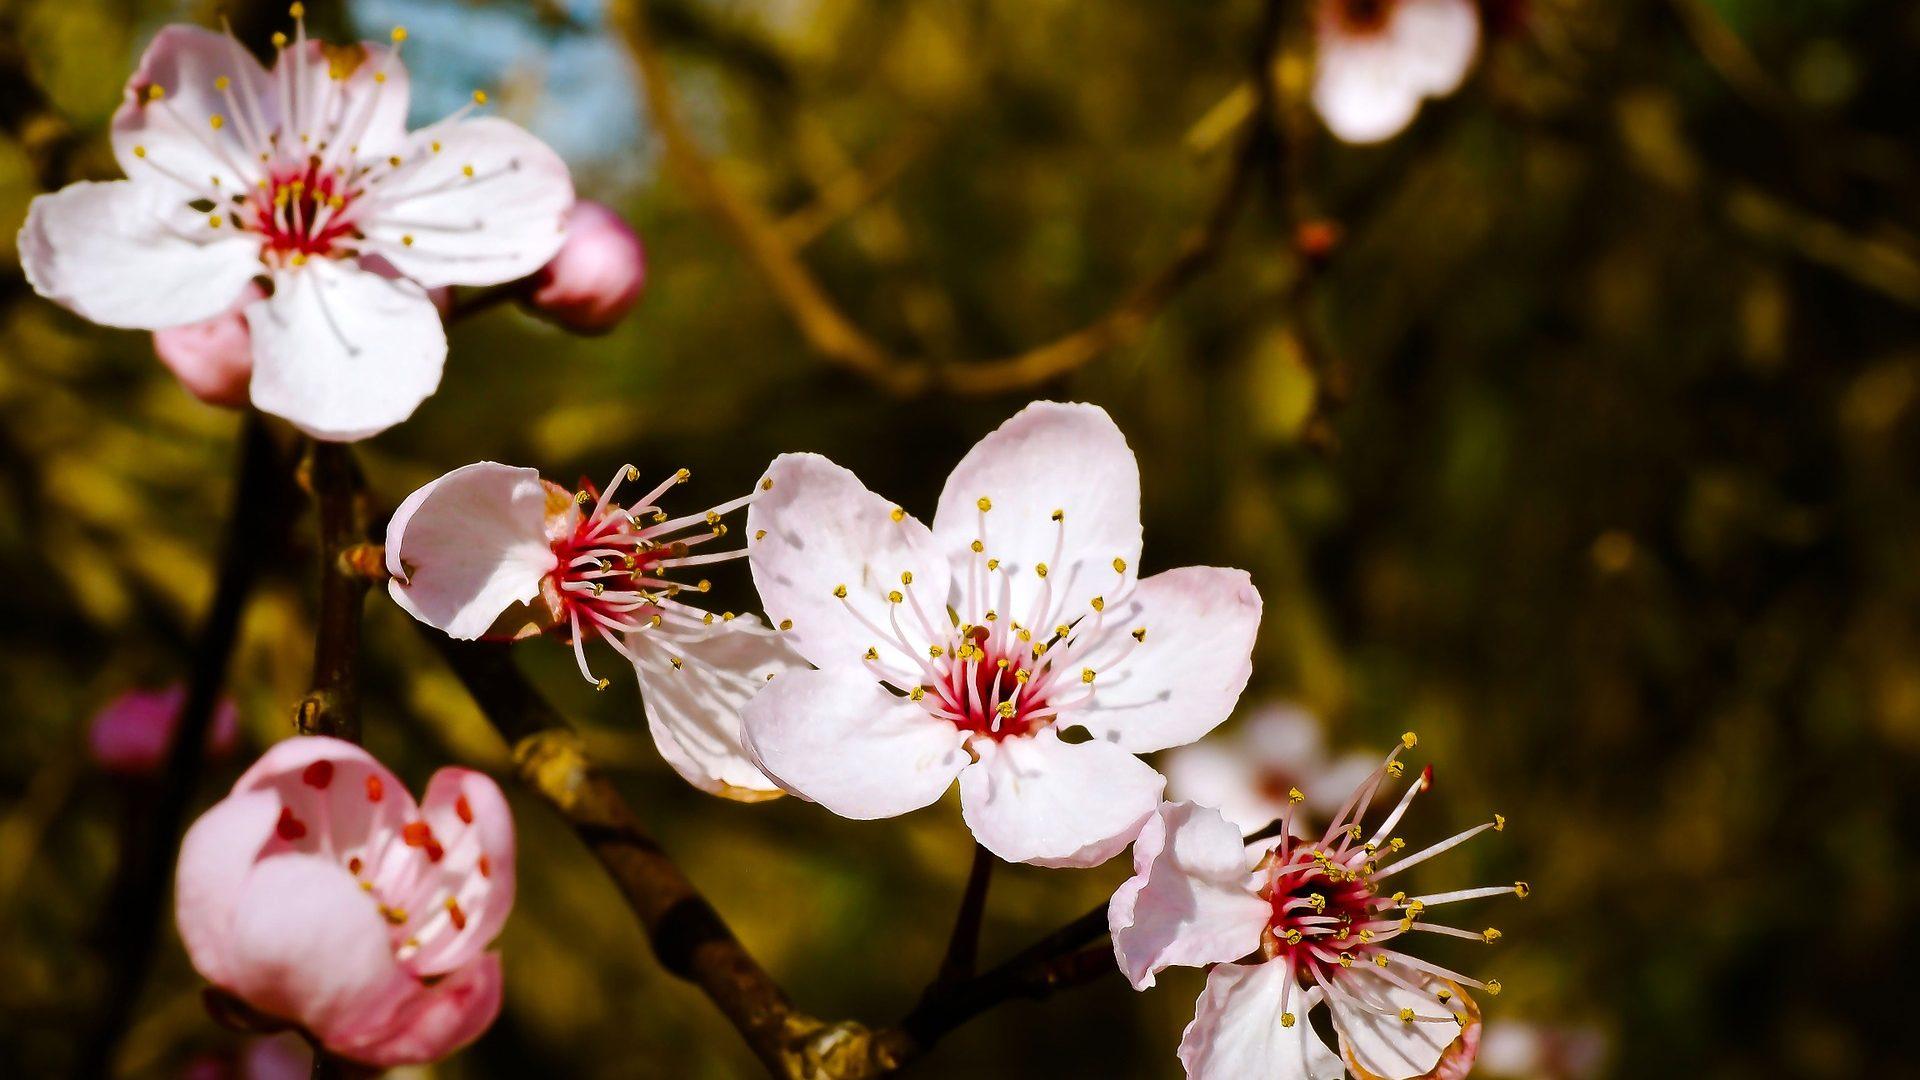 almond-blossom-1229141_1920